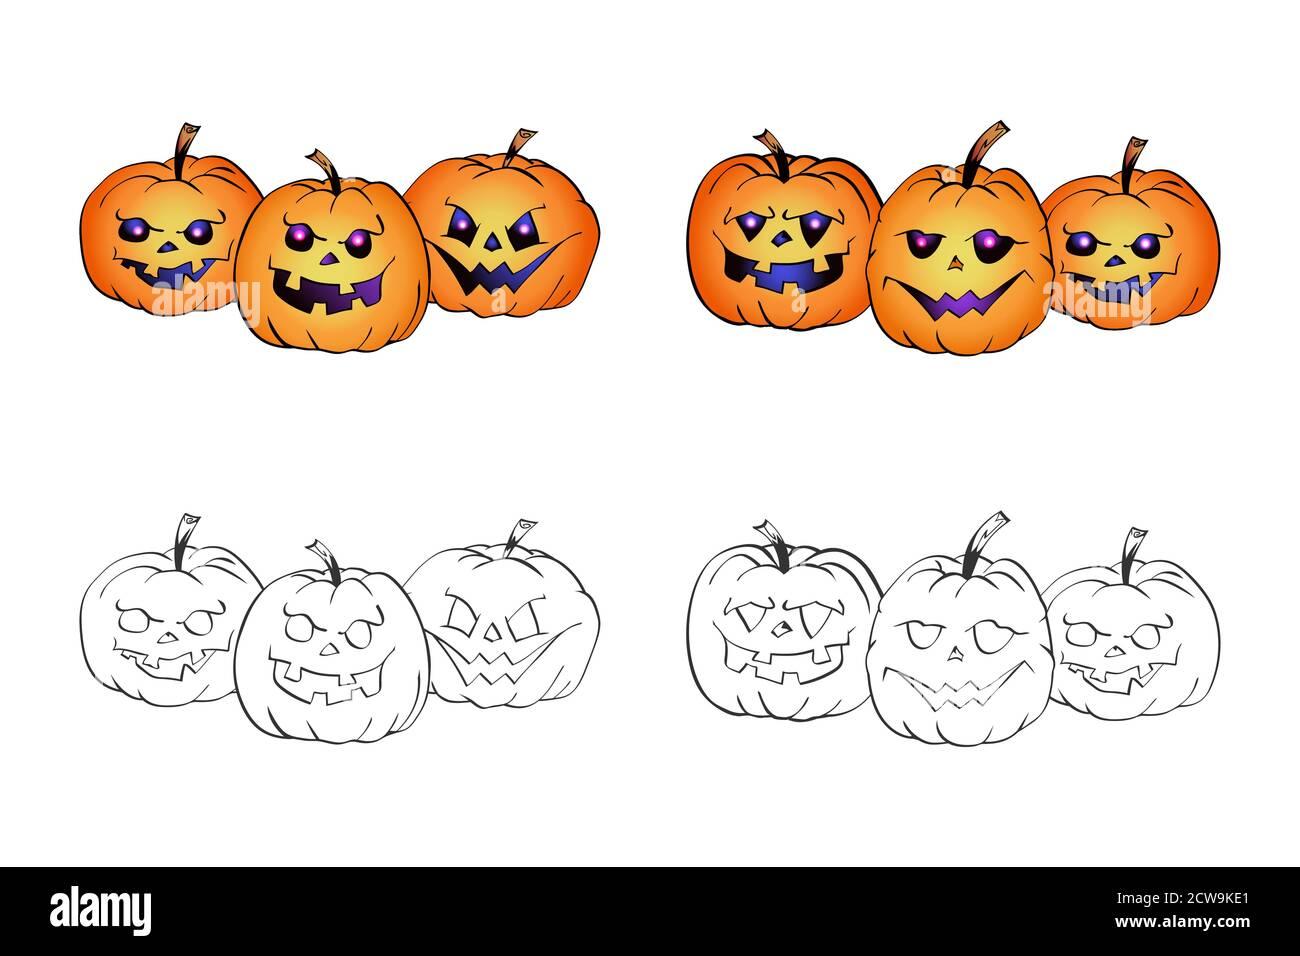 Buchillustration Oktober Stockfotos und -bilder Kaufen - Alamy